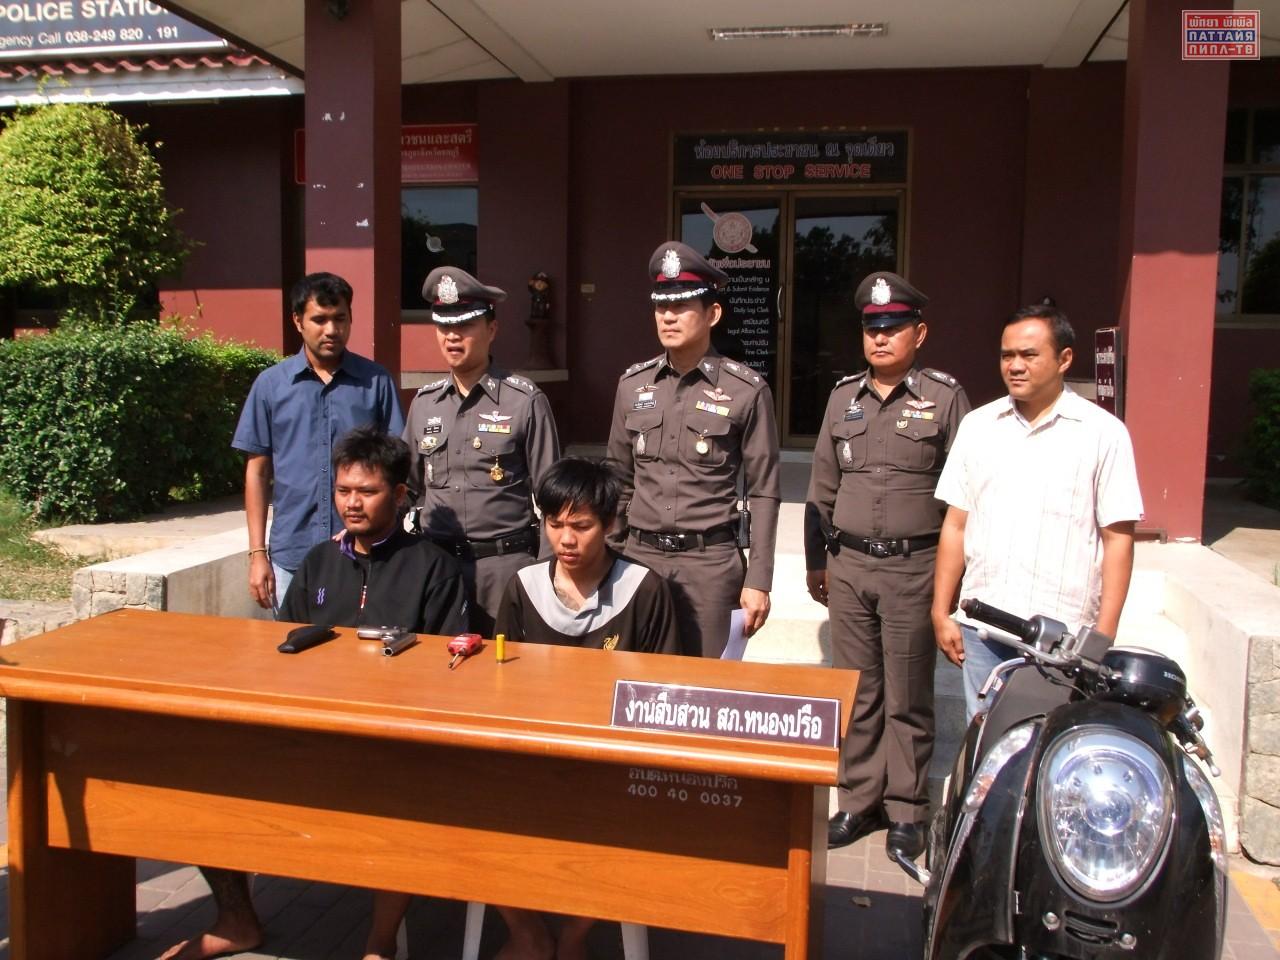 Дерзкие преступники арестованы(1)